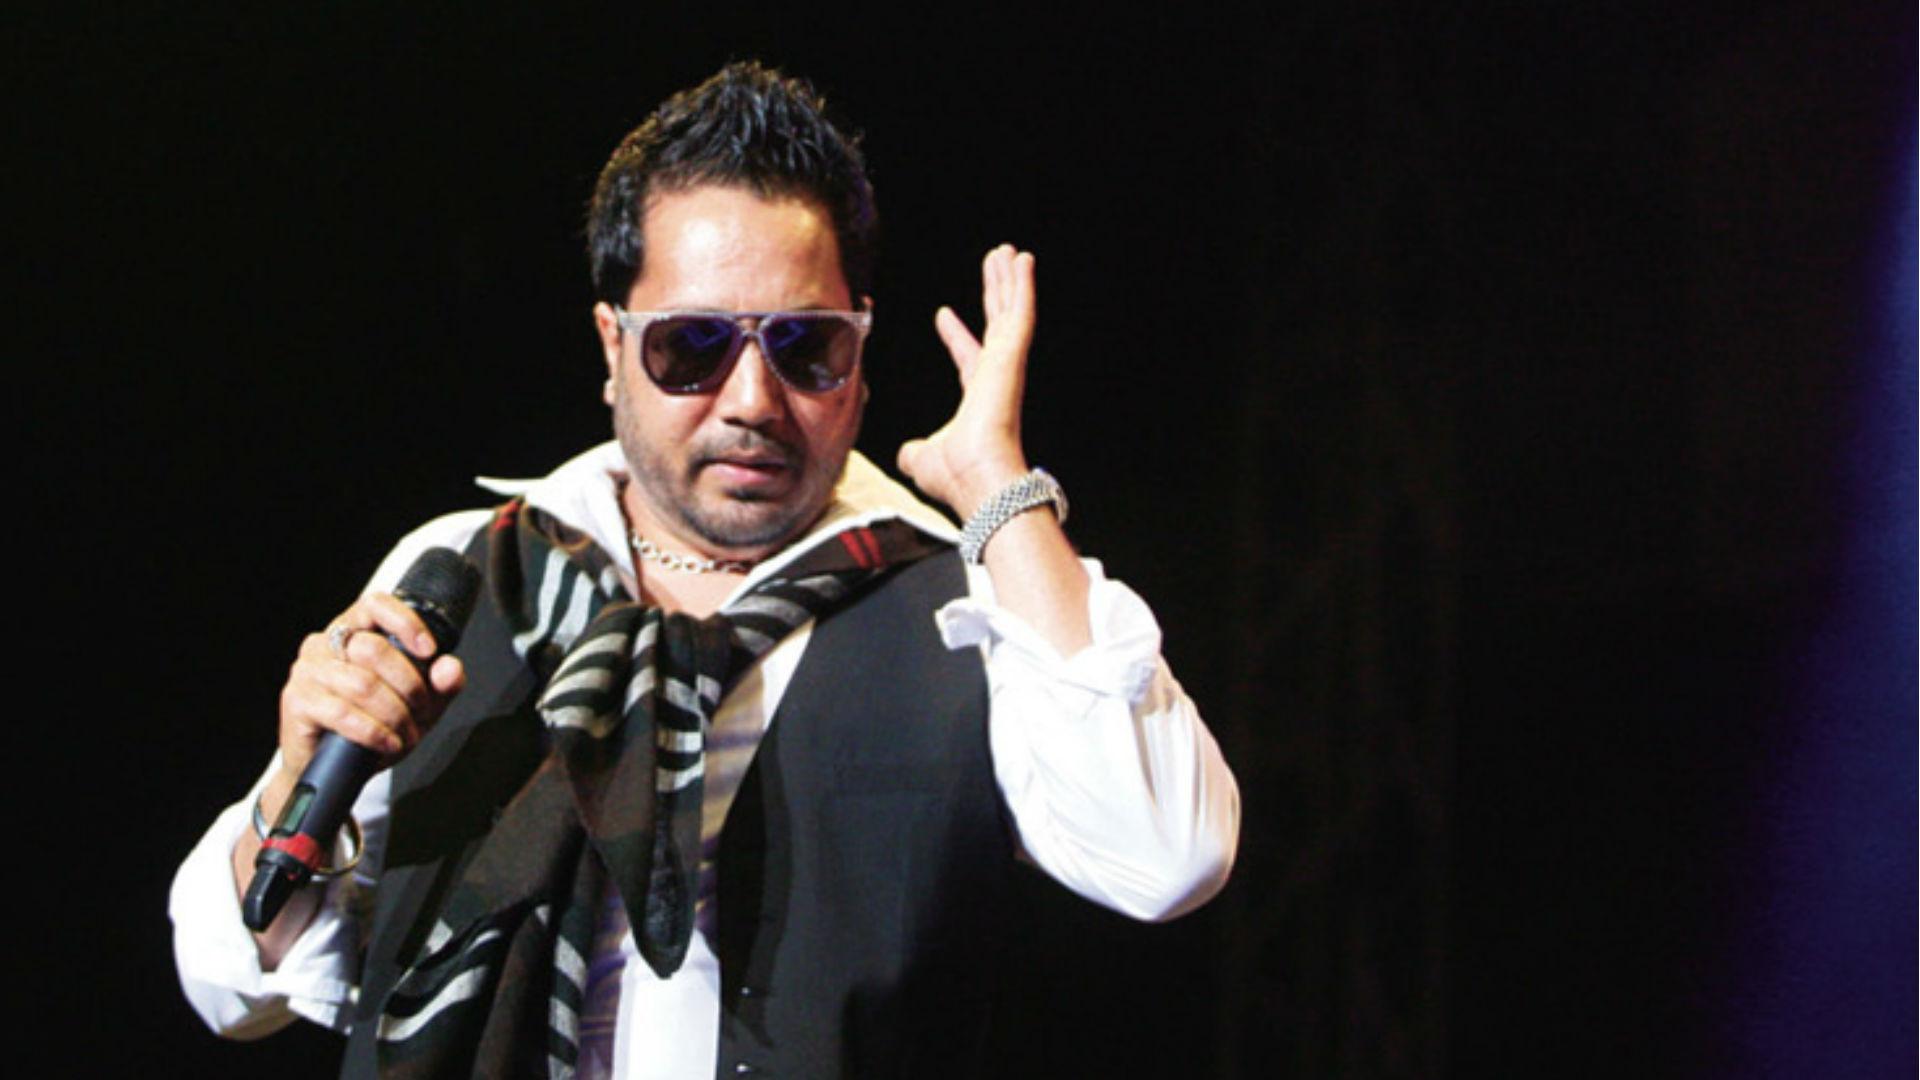 मीका सिंह को पाकिस्तान में परफॉर्म करना पड़ा महंगा, भारतीय फिल्म इंडस्ट्री में लगा बैन